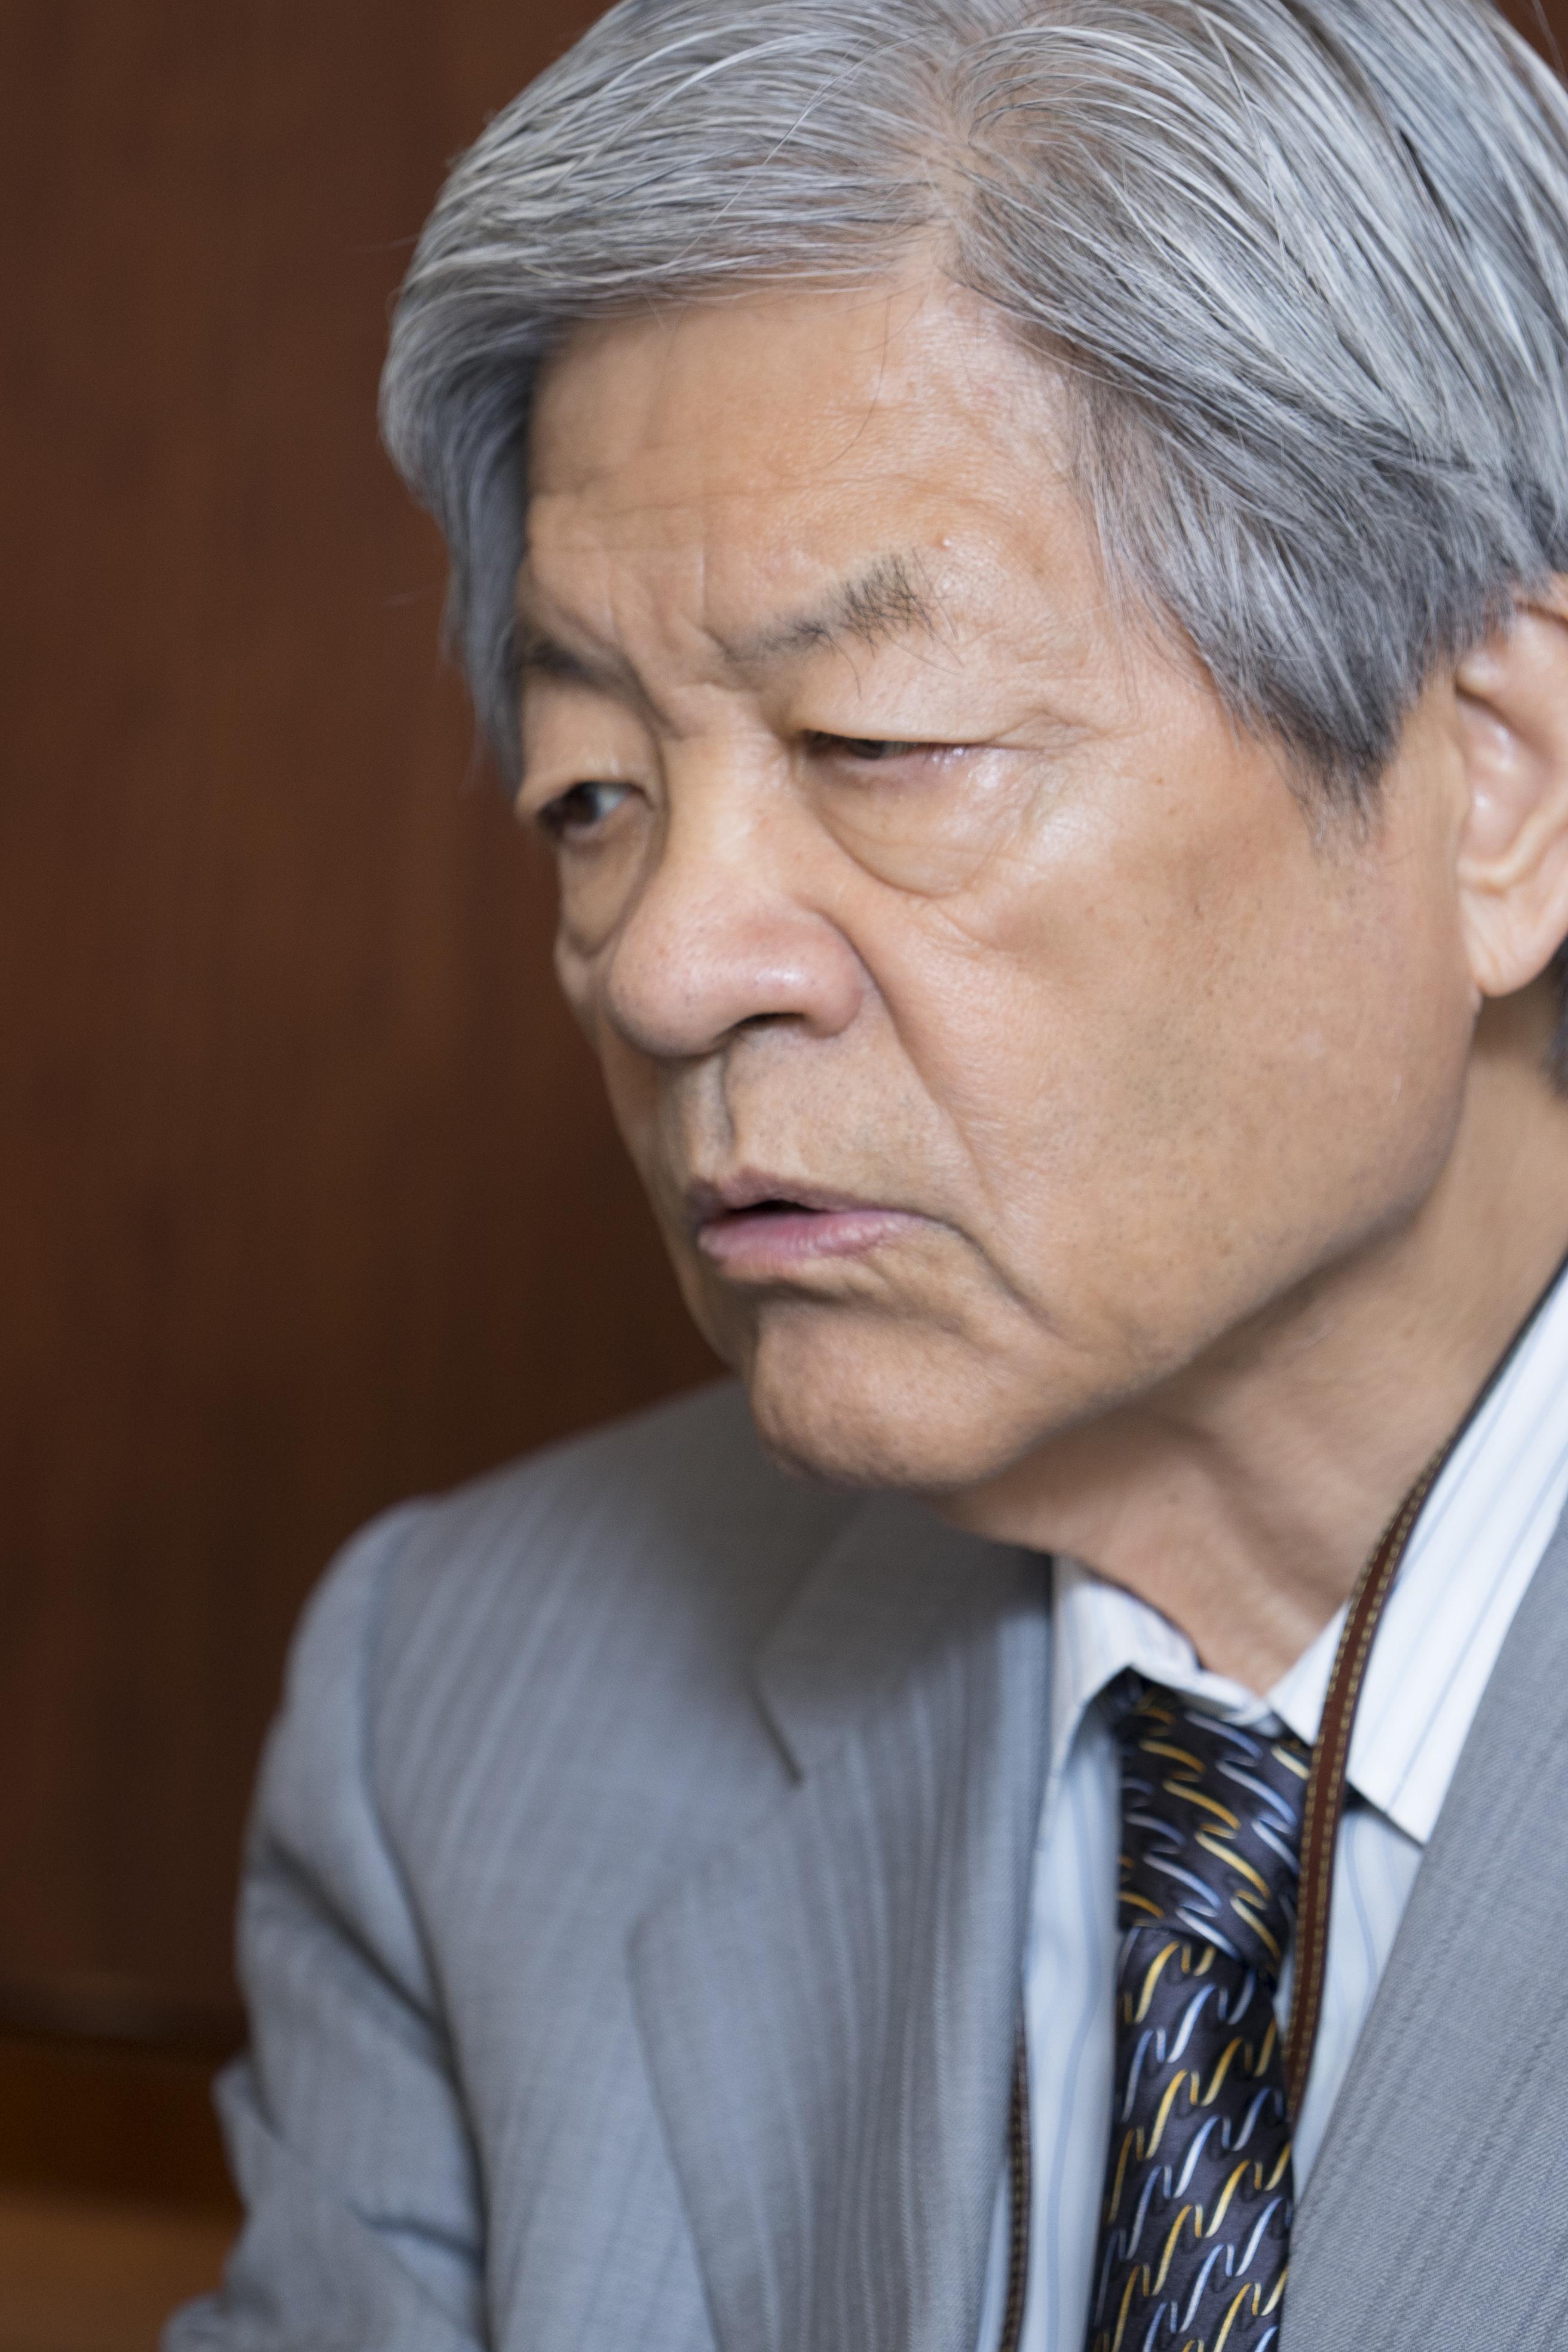 田原総一朗 「田中角栄ブームが起きているのは、今の政治家たちが小さくまとまり過ぎて、構想力というものがなくなっているからだ」